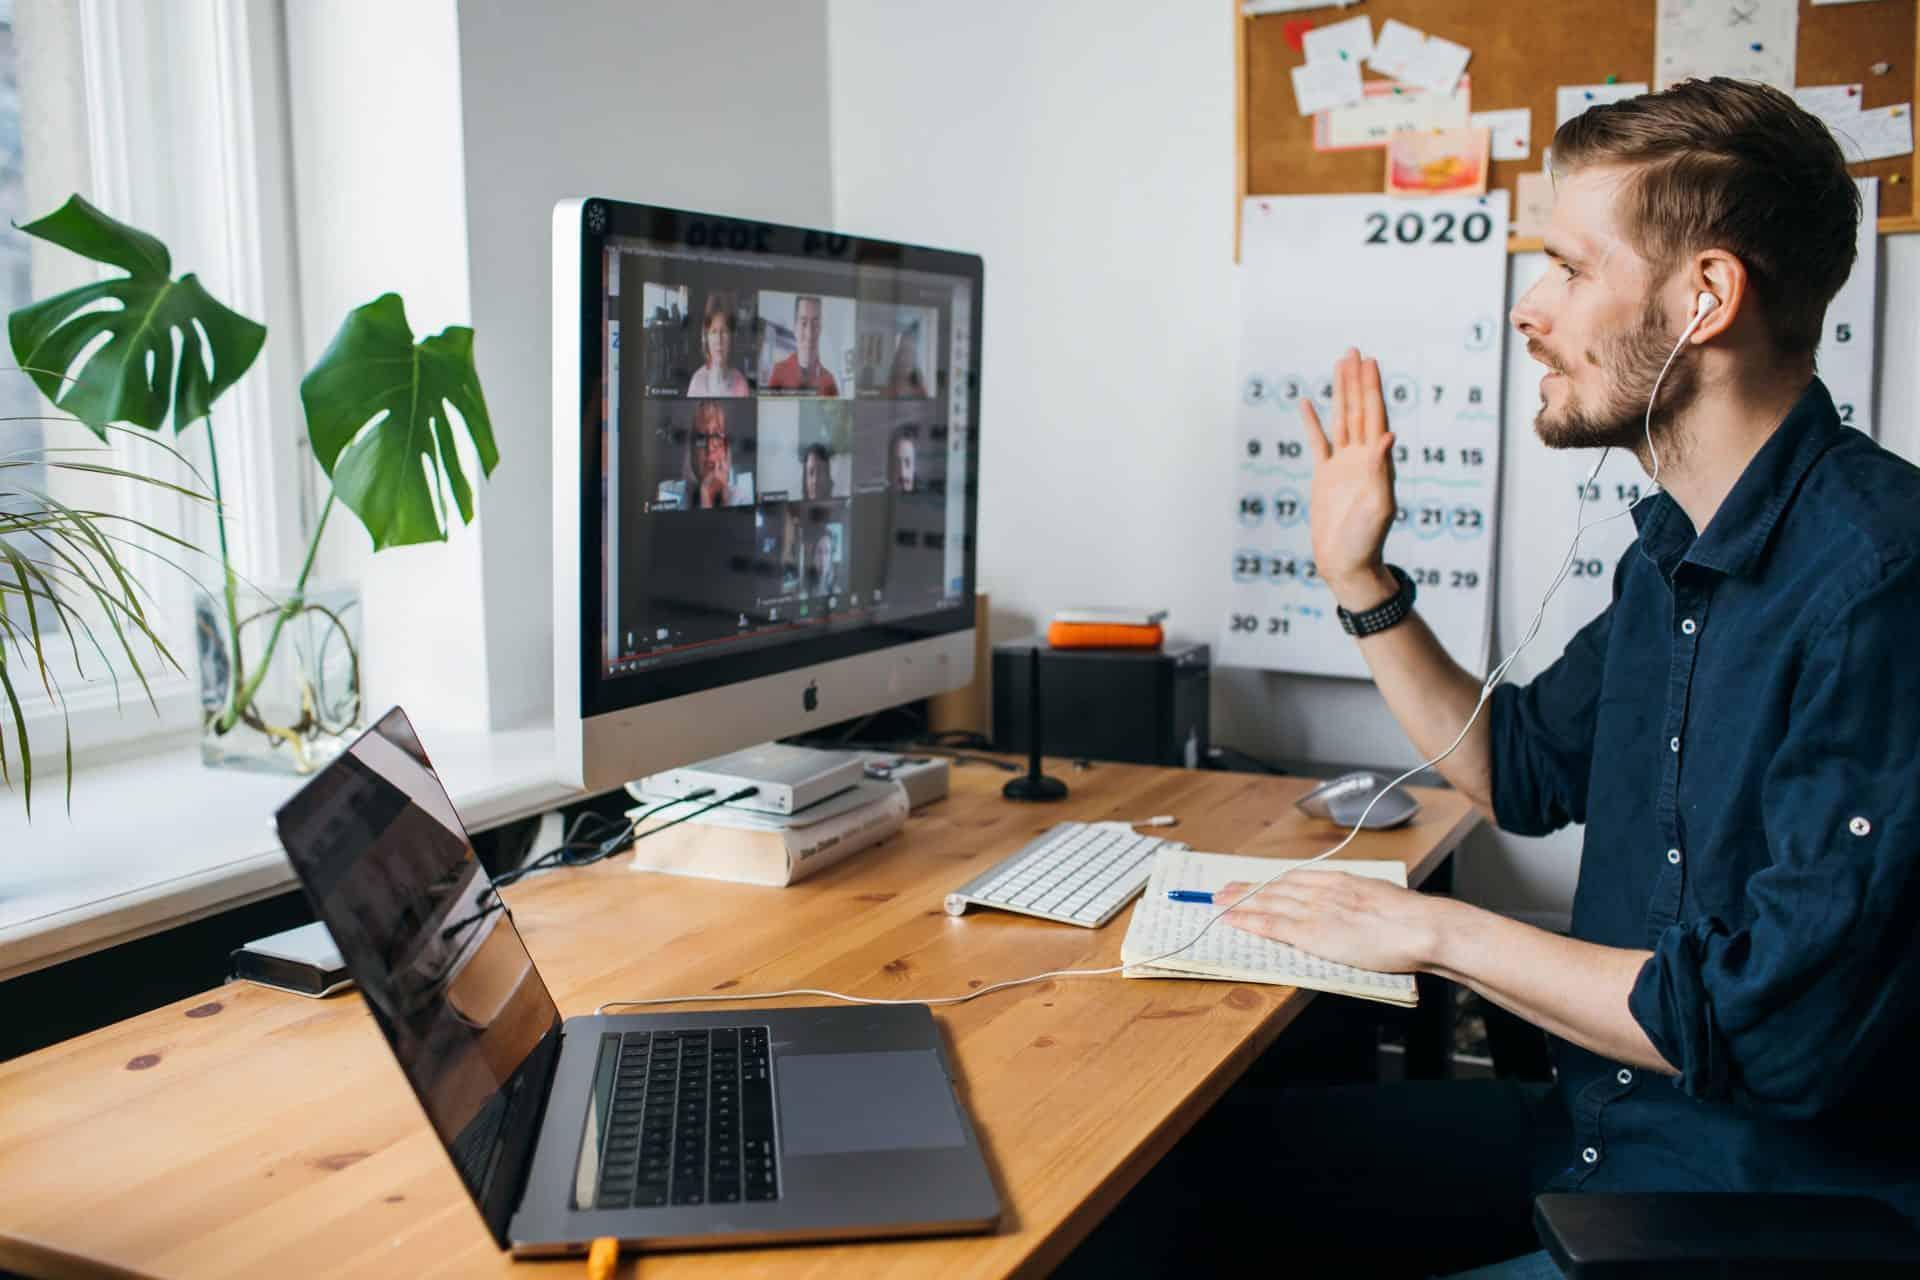 Dicas para home office: como aumentar sua produtividade